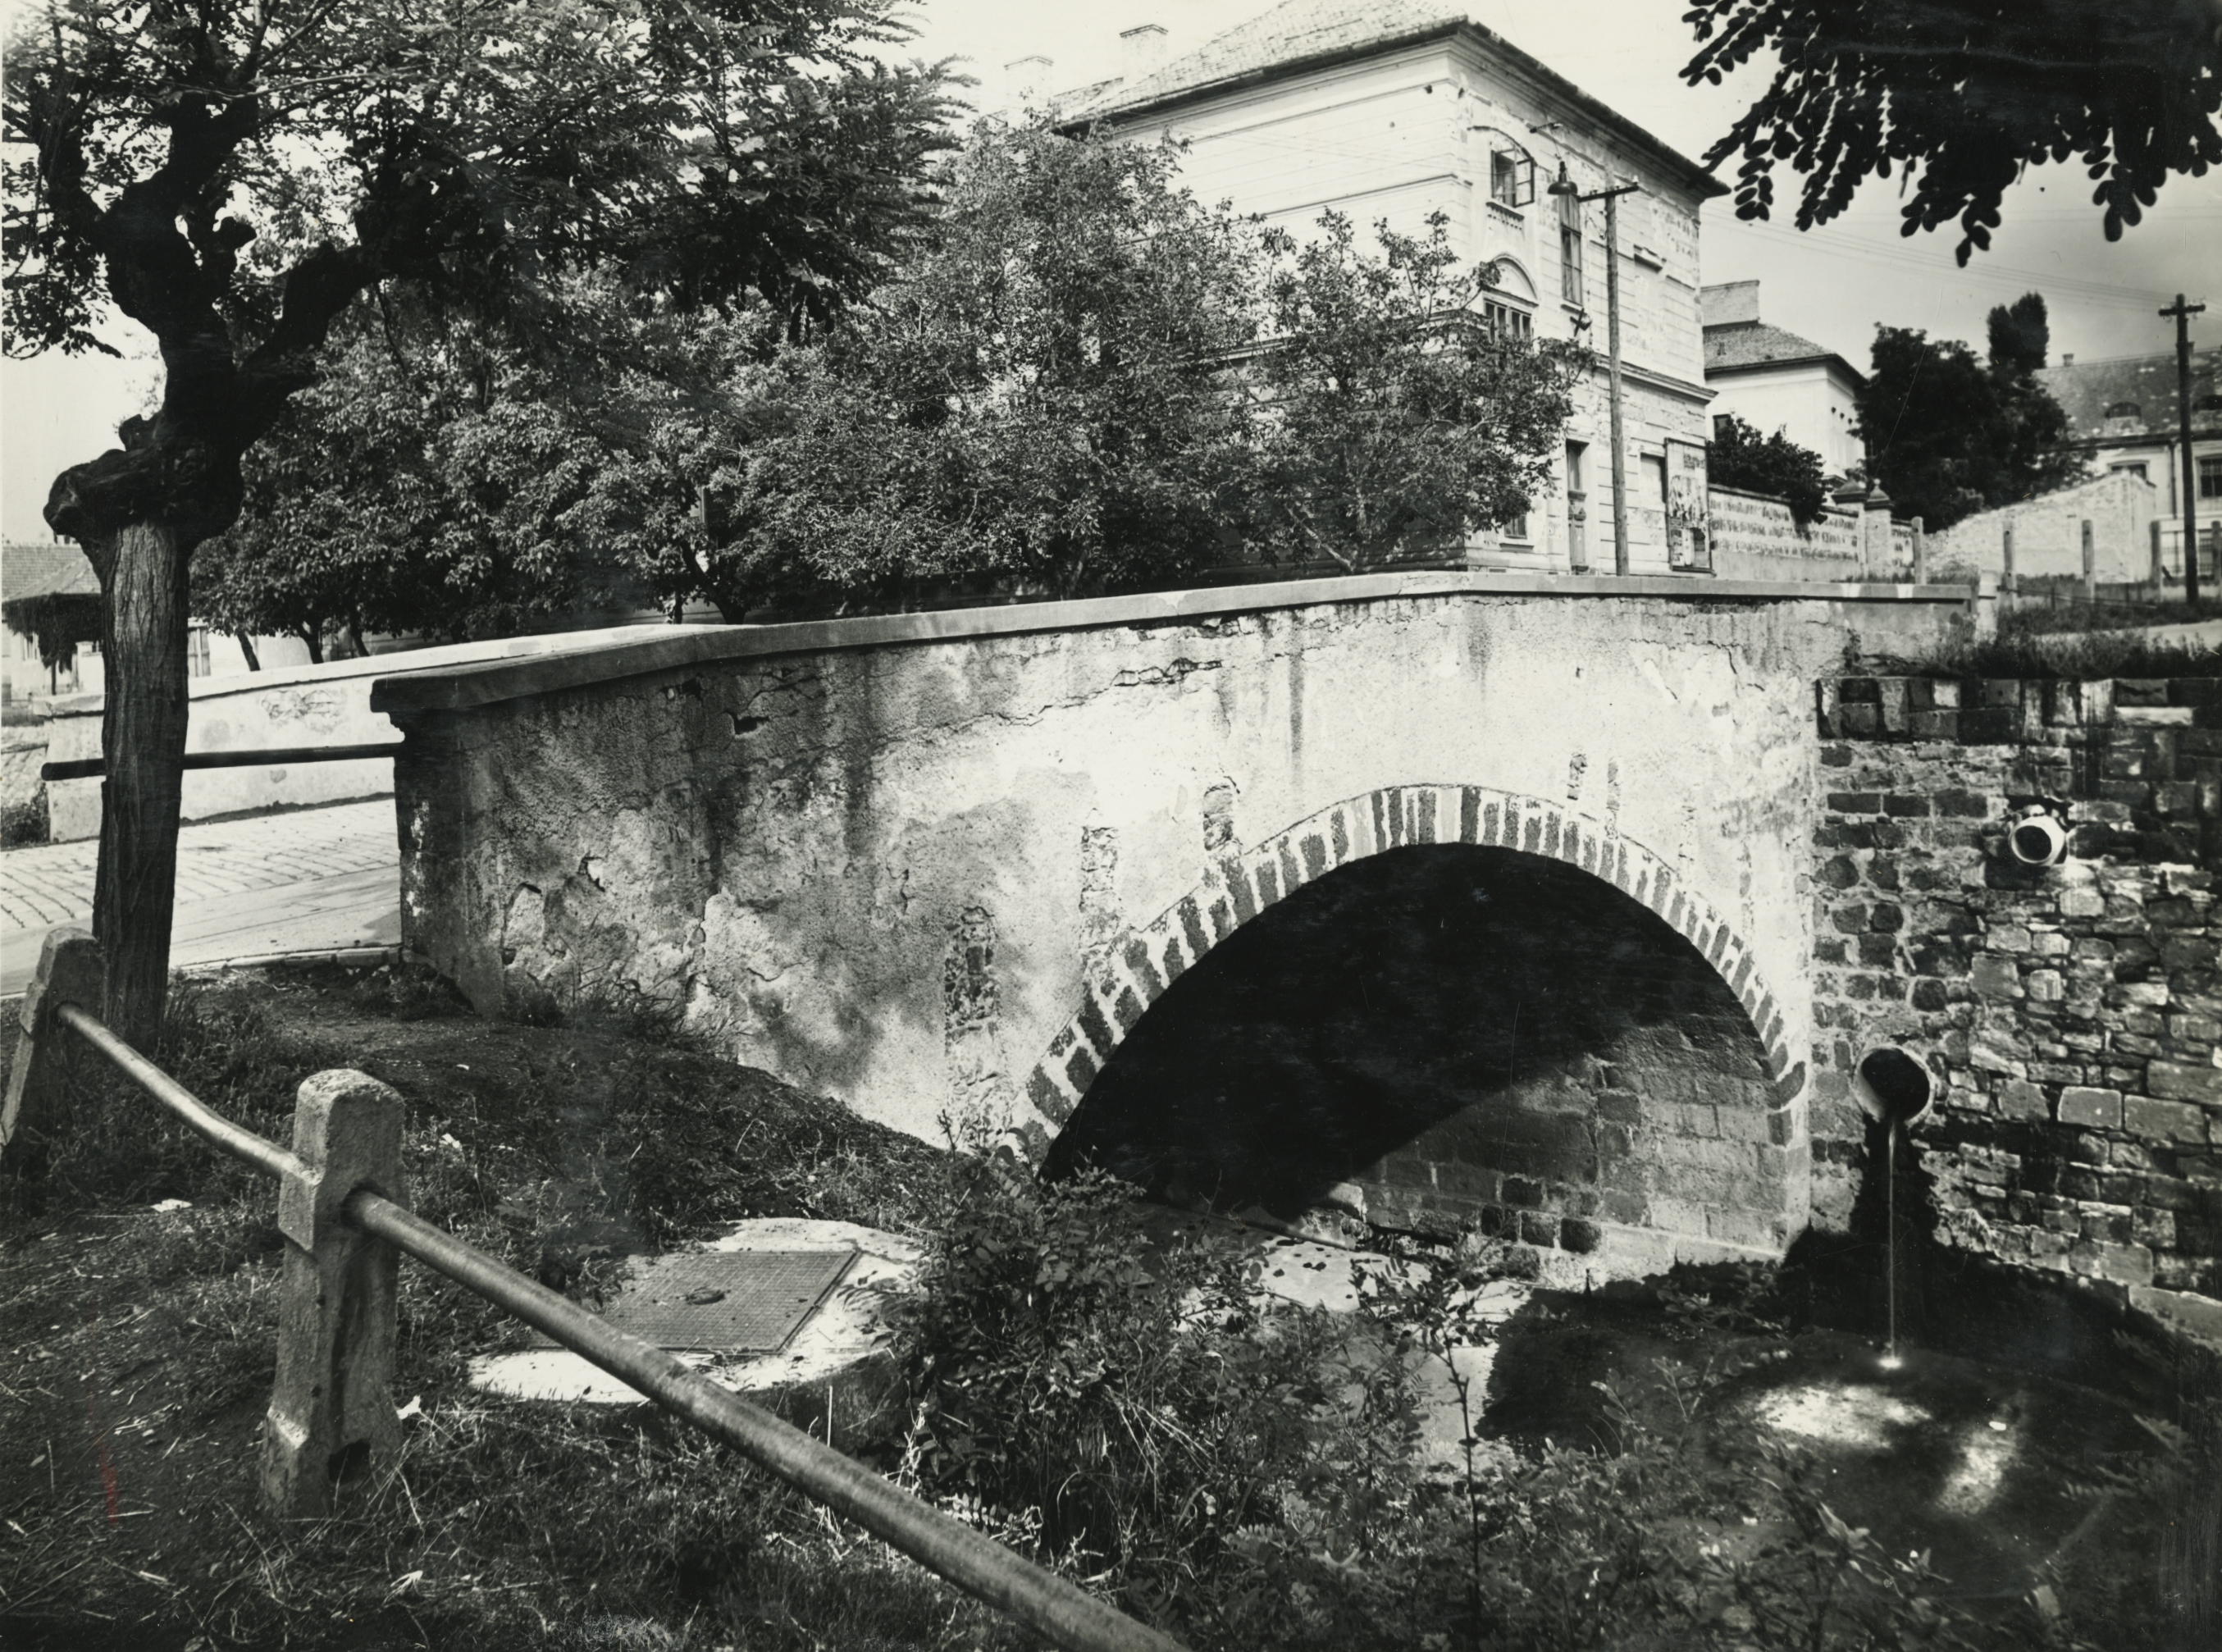 Gyöngyös, Szabadság tér és a Vachott Sándor utca közötti régi híd